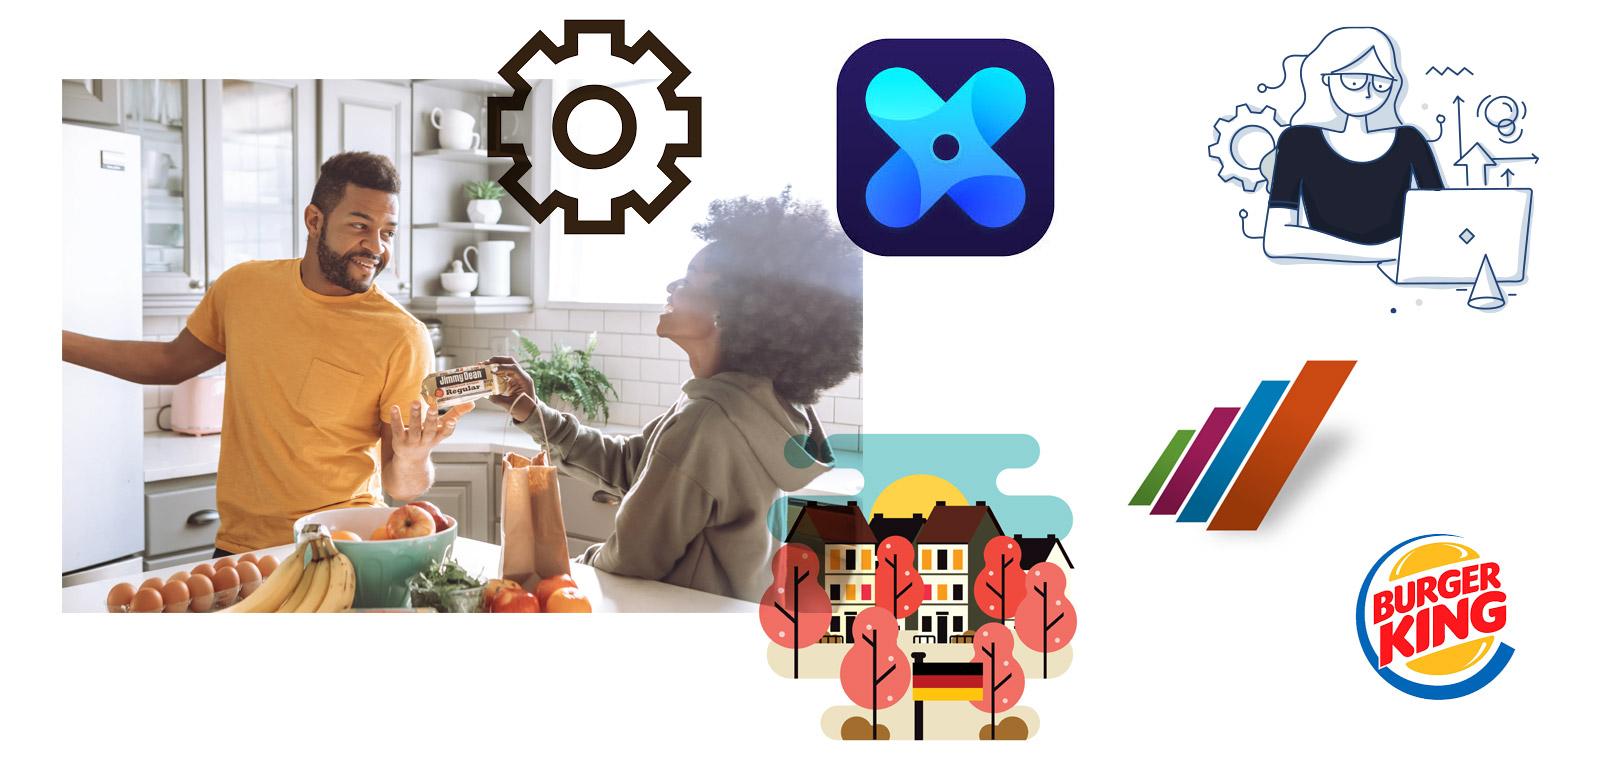 Bilder optimieren fürs Web – Tools, Dateiformate & Plugins 2